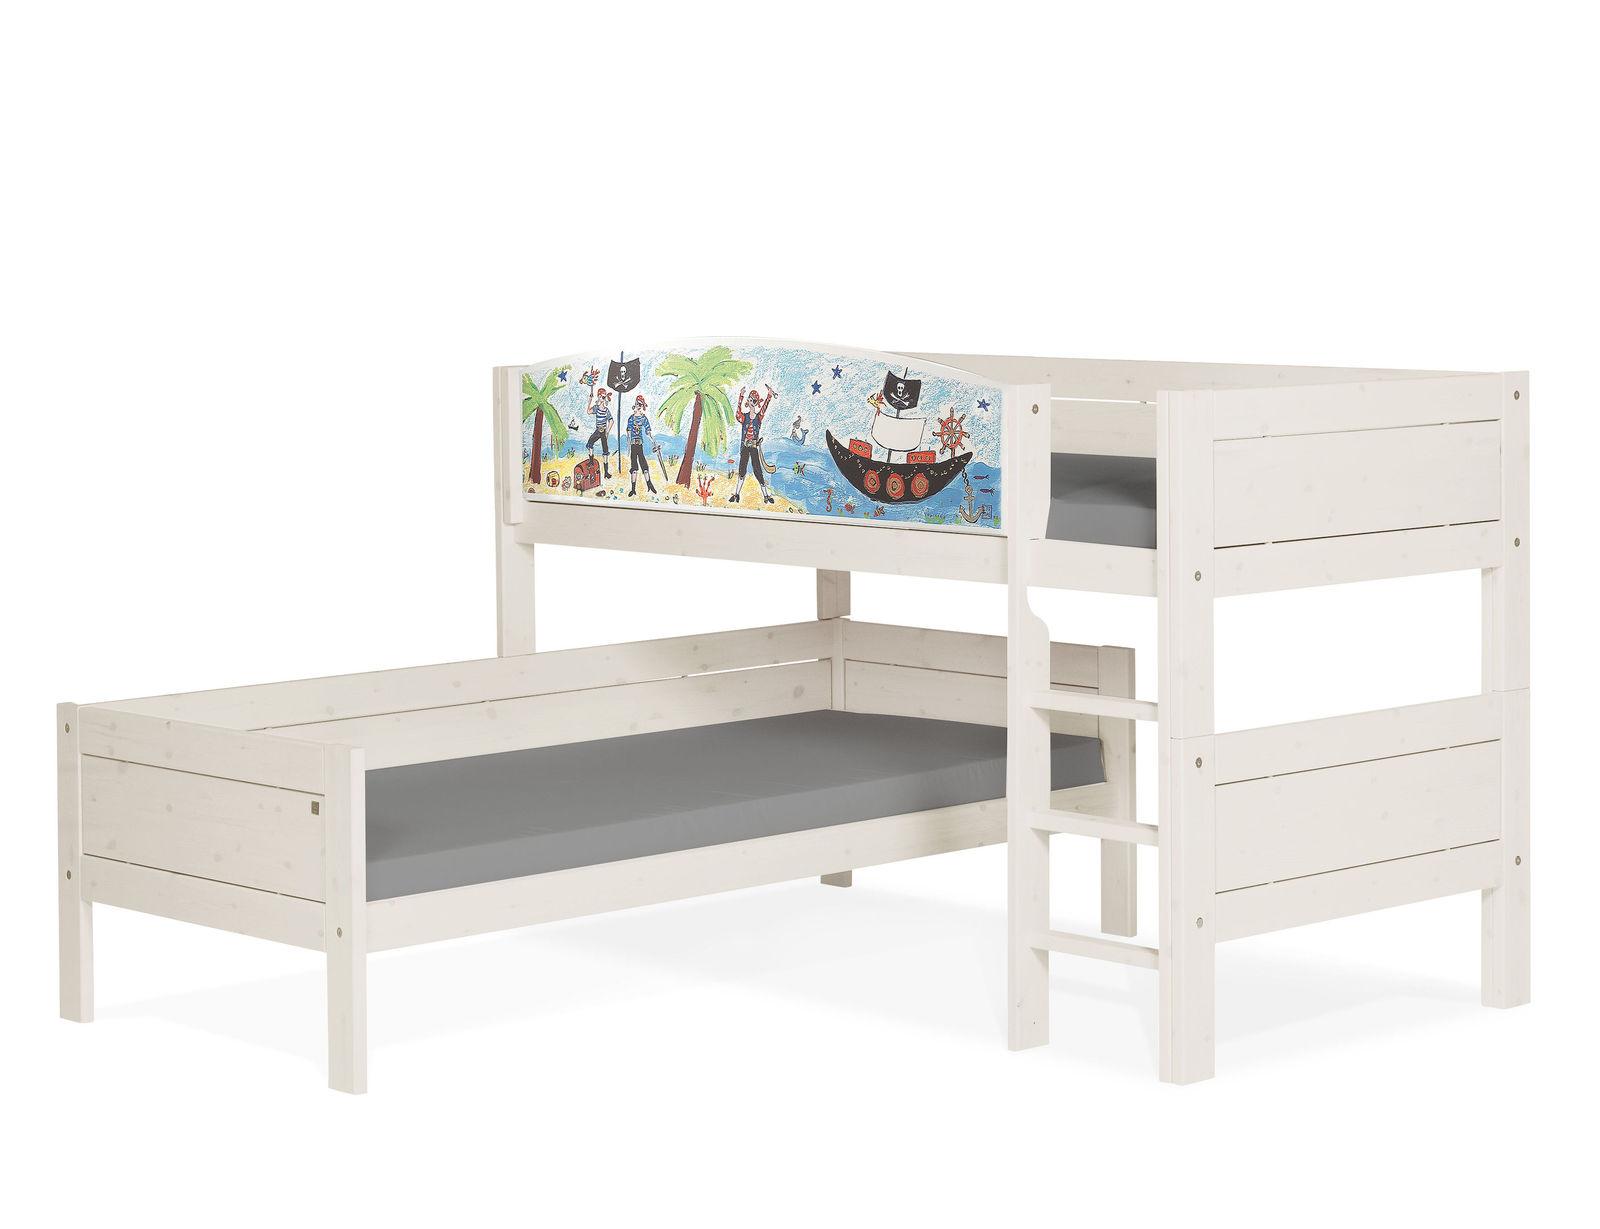 lifetime eck etagenbett umbaubar zu zwei einzelbetten pirat. Black Bedroom Furniture Sets. Home Design Ideas